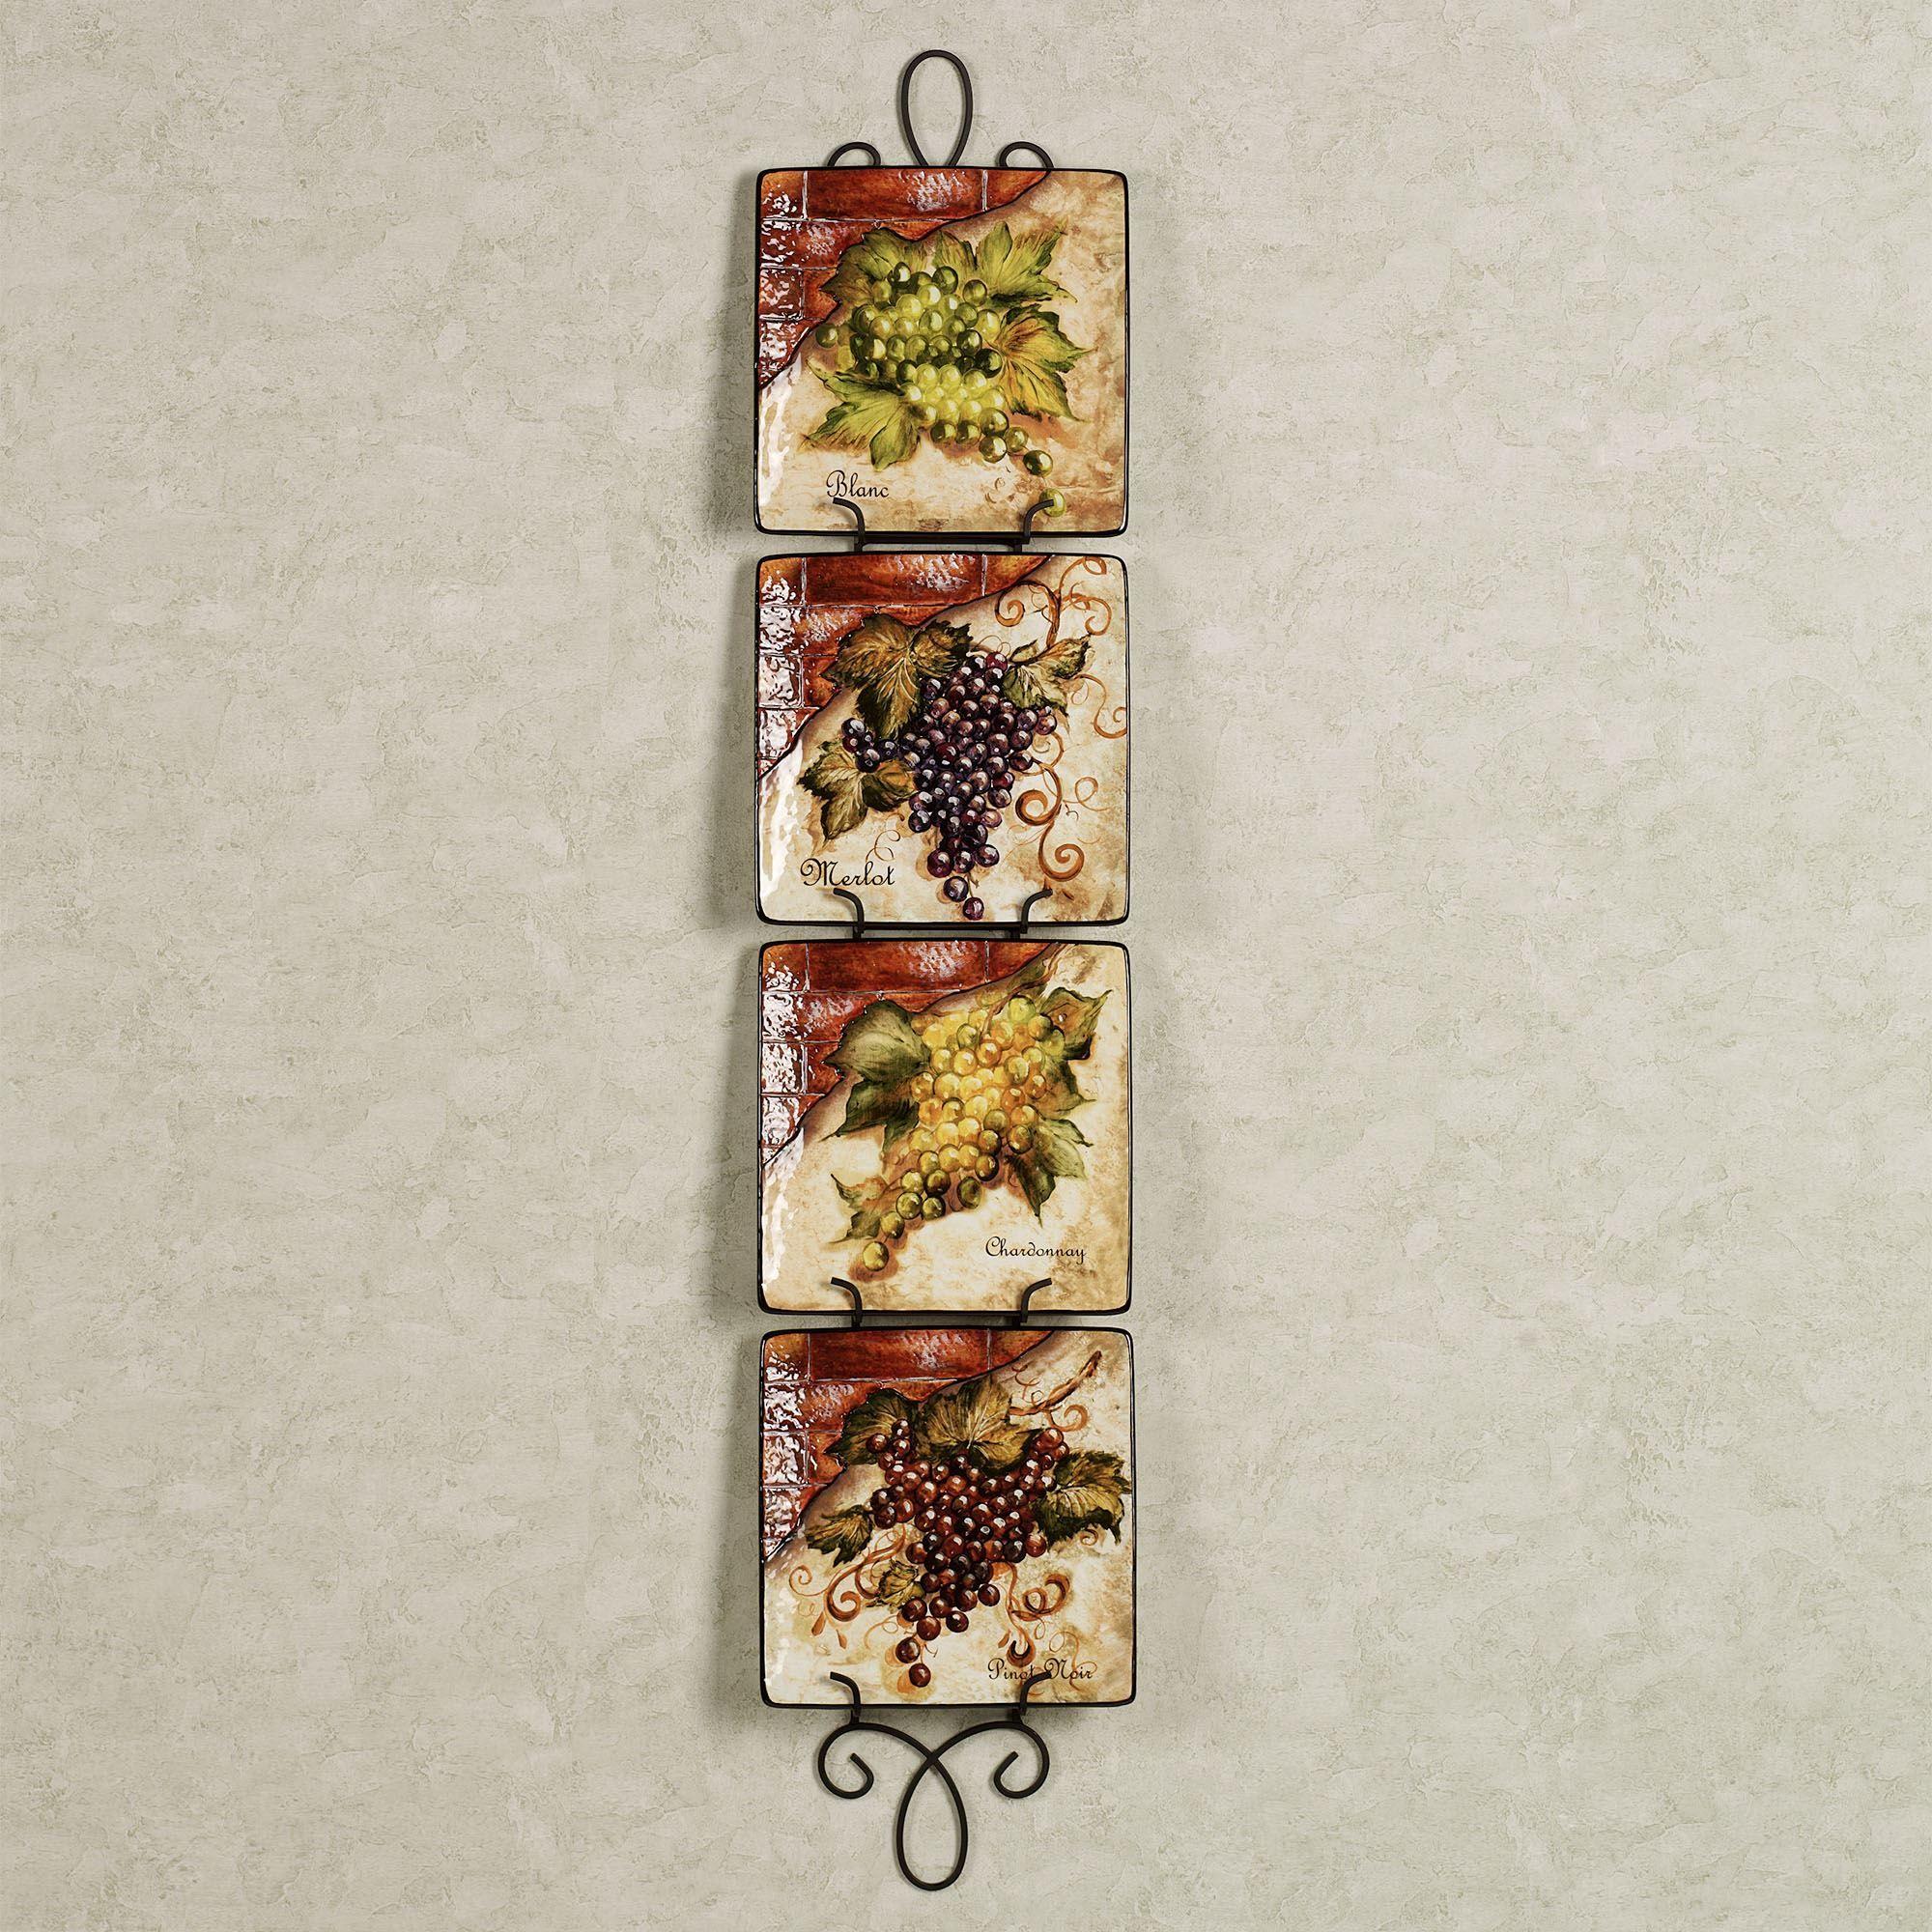 Augusta Vertical Wall Plate Racks  sc 1 st  Touch of Class & Augusta Vertical Petite Wall Plate Rack